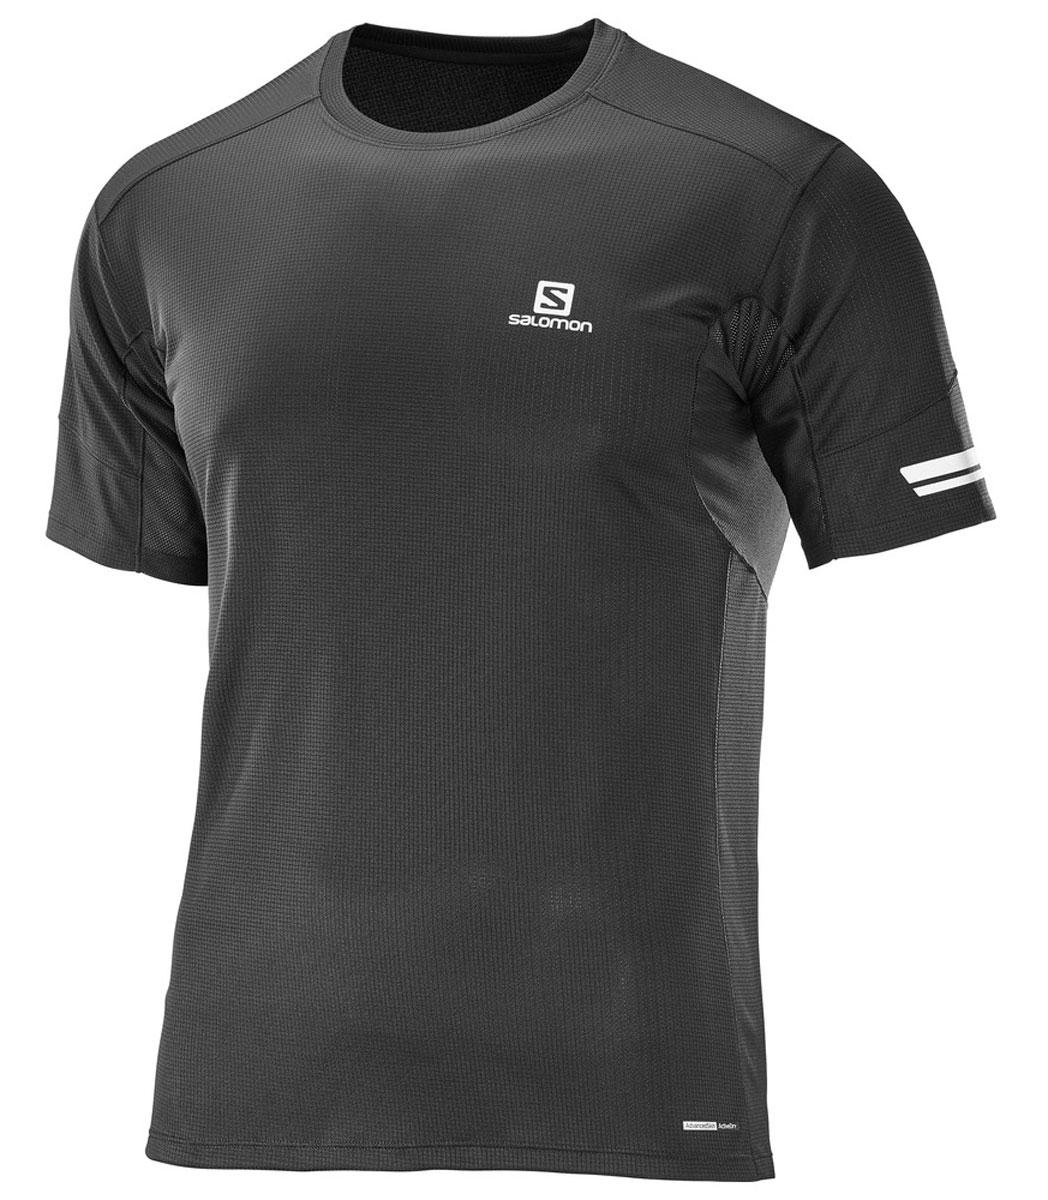 ФутболкаL39386600Легкая функциональная футболка Salomon с сетчатым карманом для спортивного геля и светоотражающими на 360° элементами для бега в любое время суток.